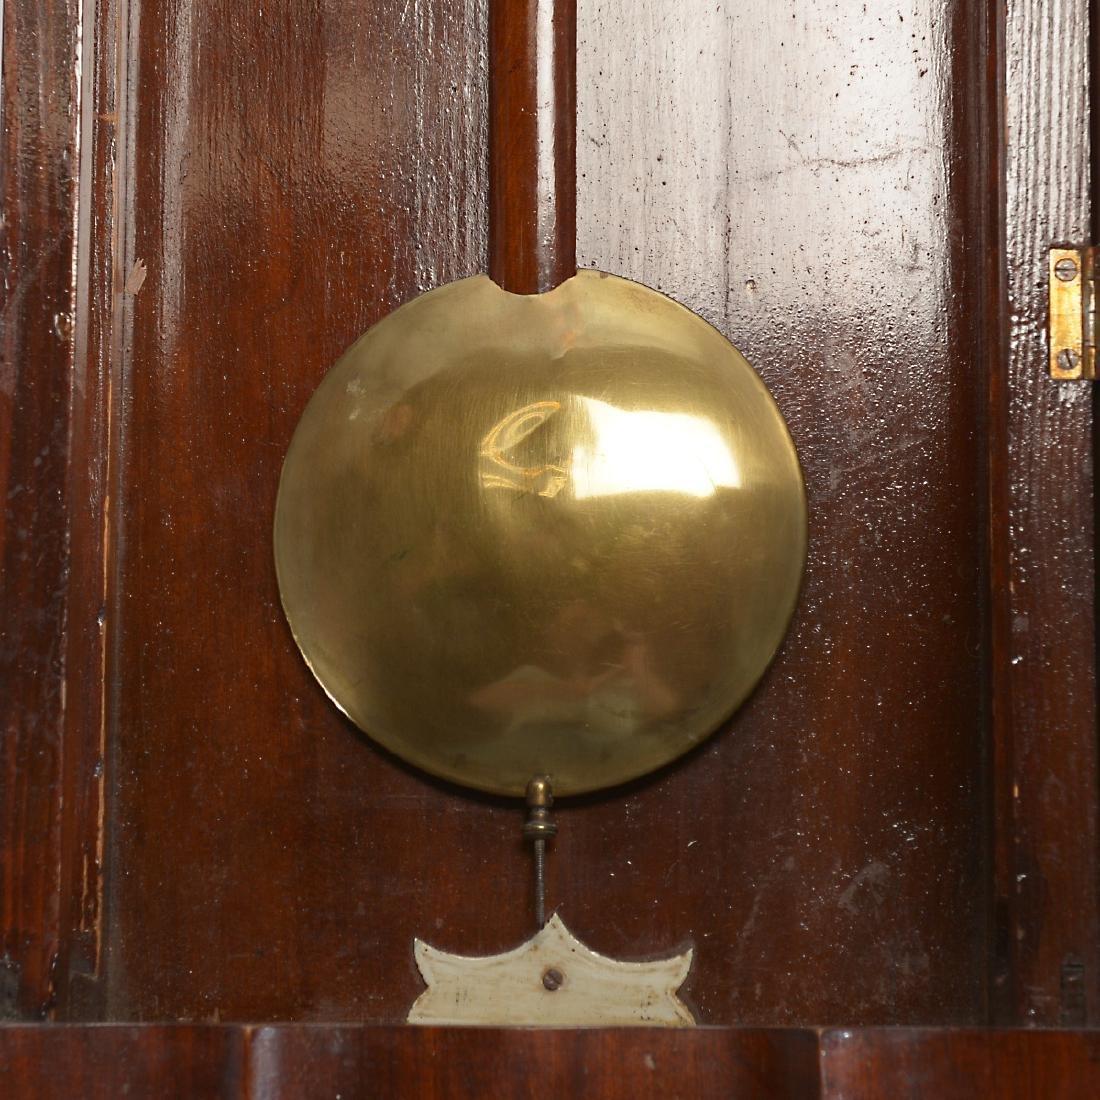 Renaissance Revival Walnut Cased Regulator Clock - 4